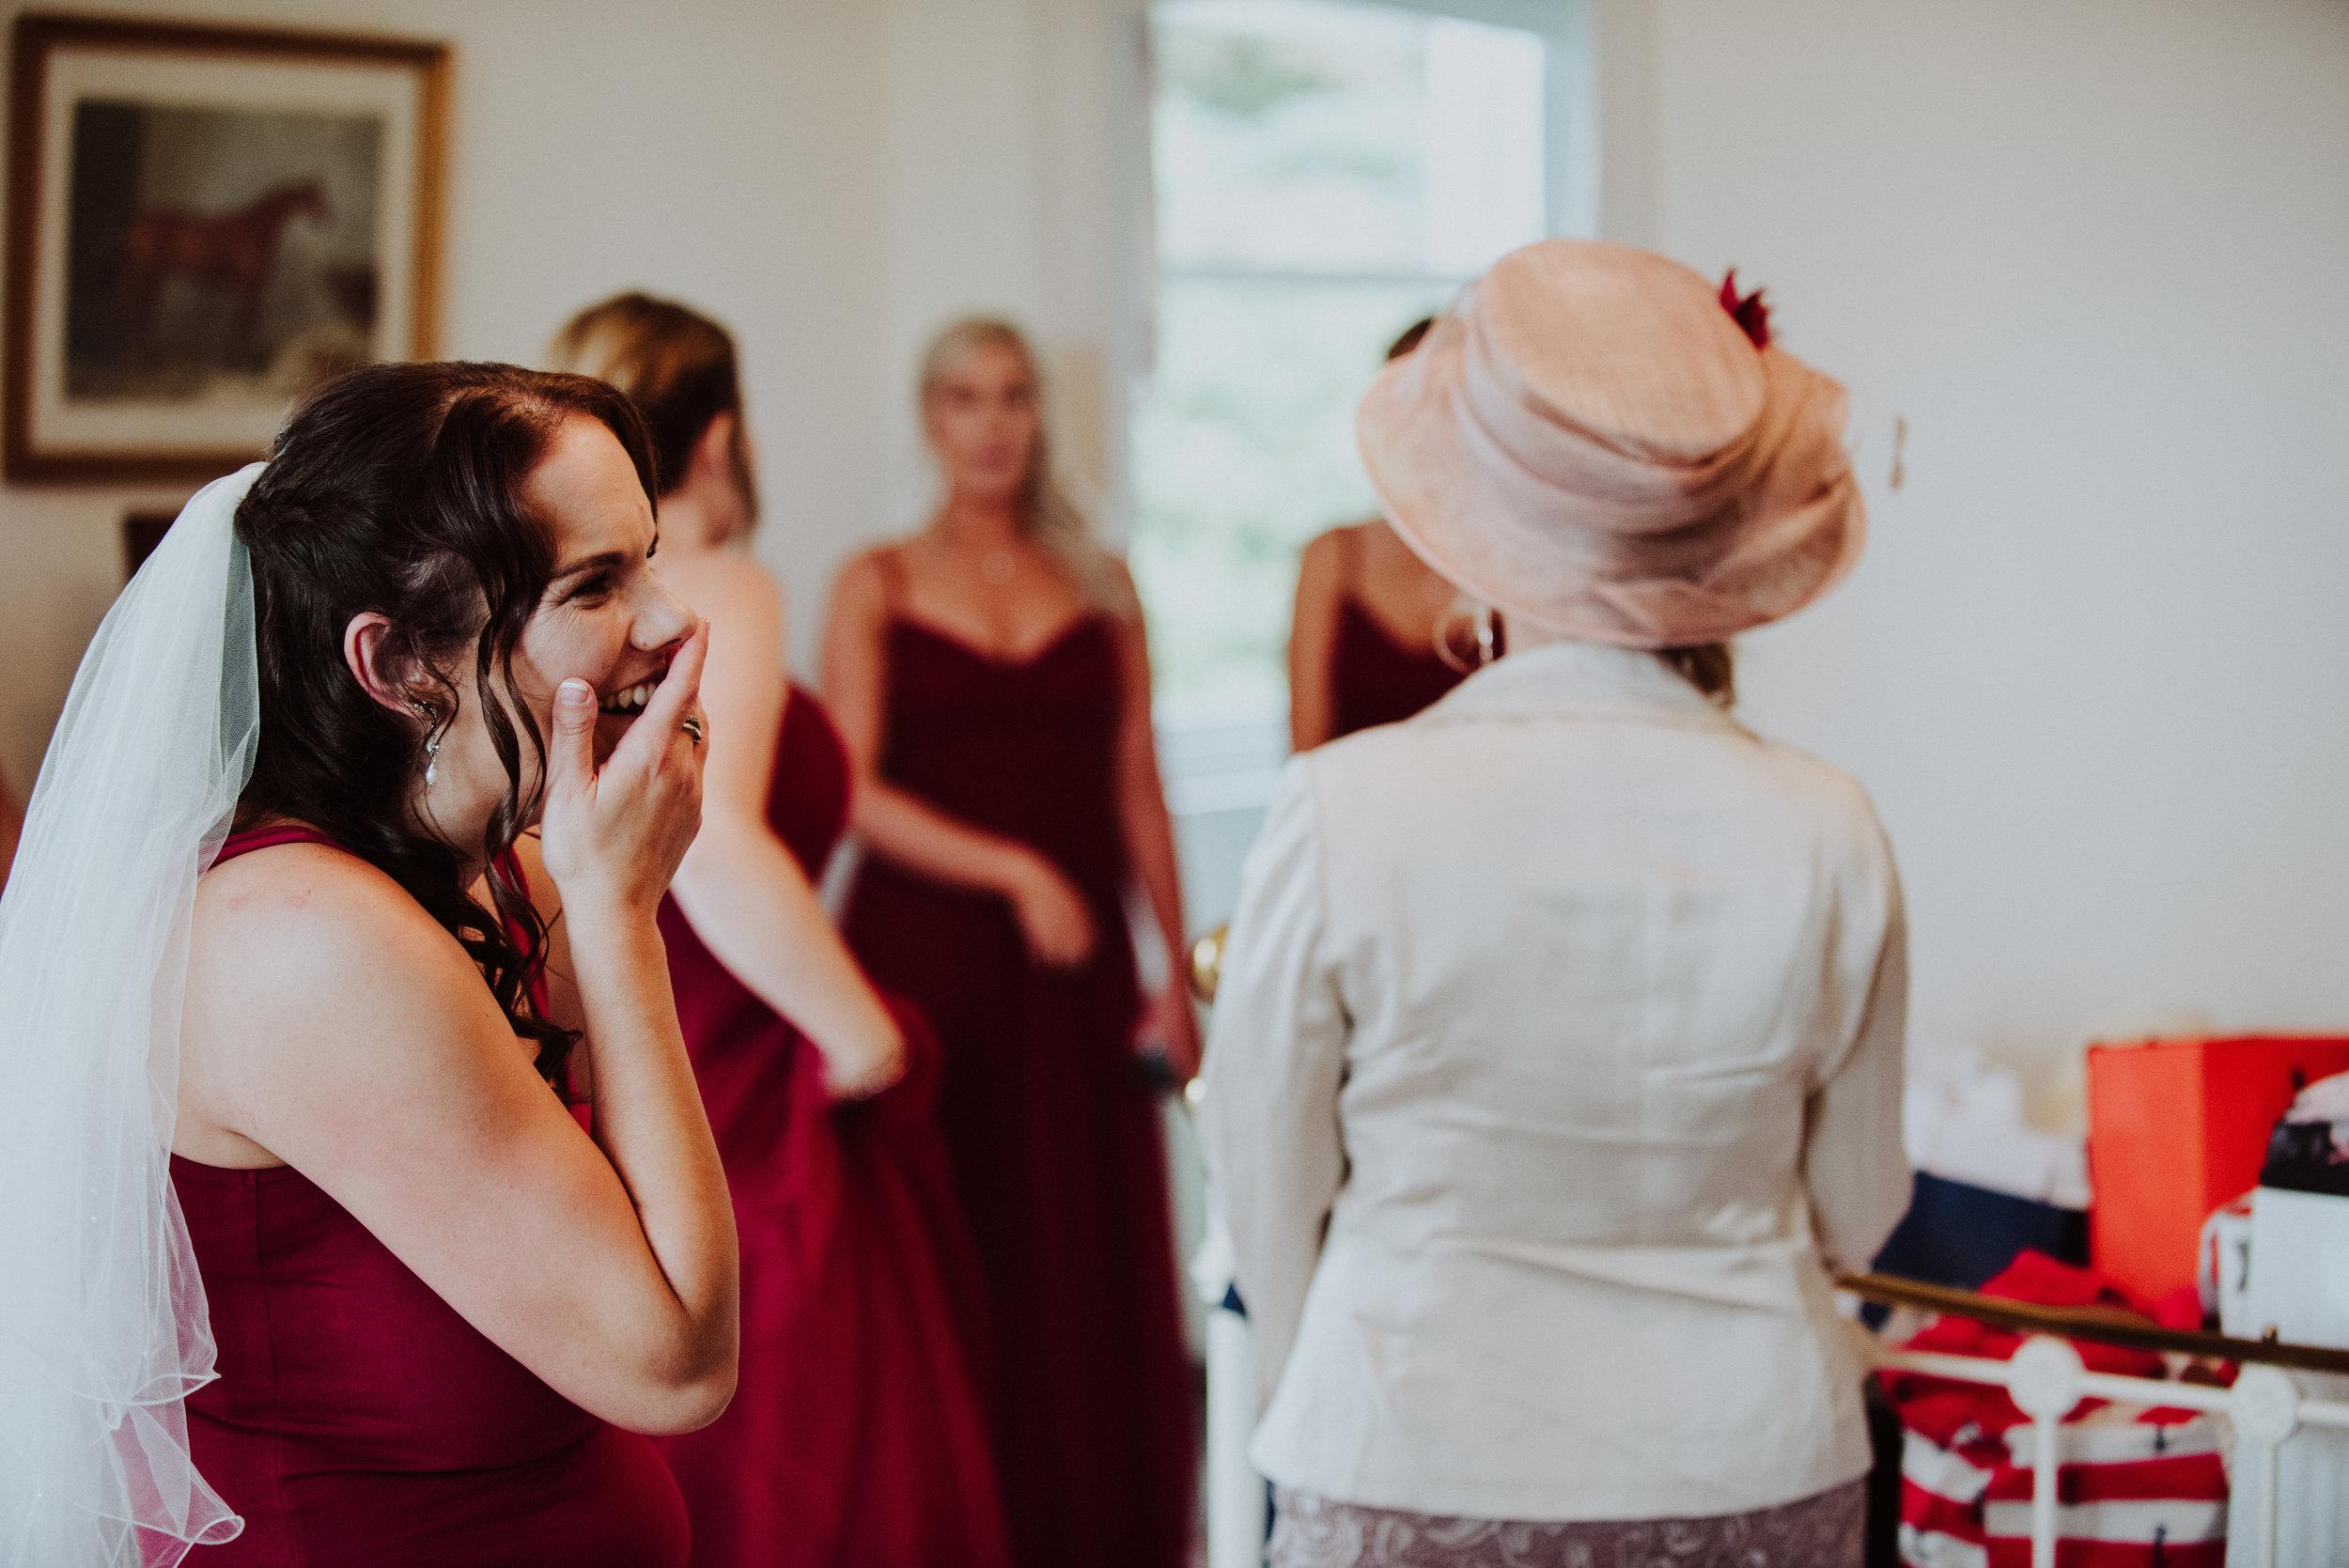 scorrier-house-wedding-photographer-19.jpg